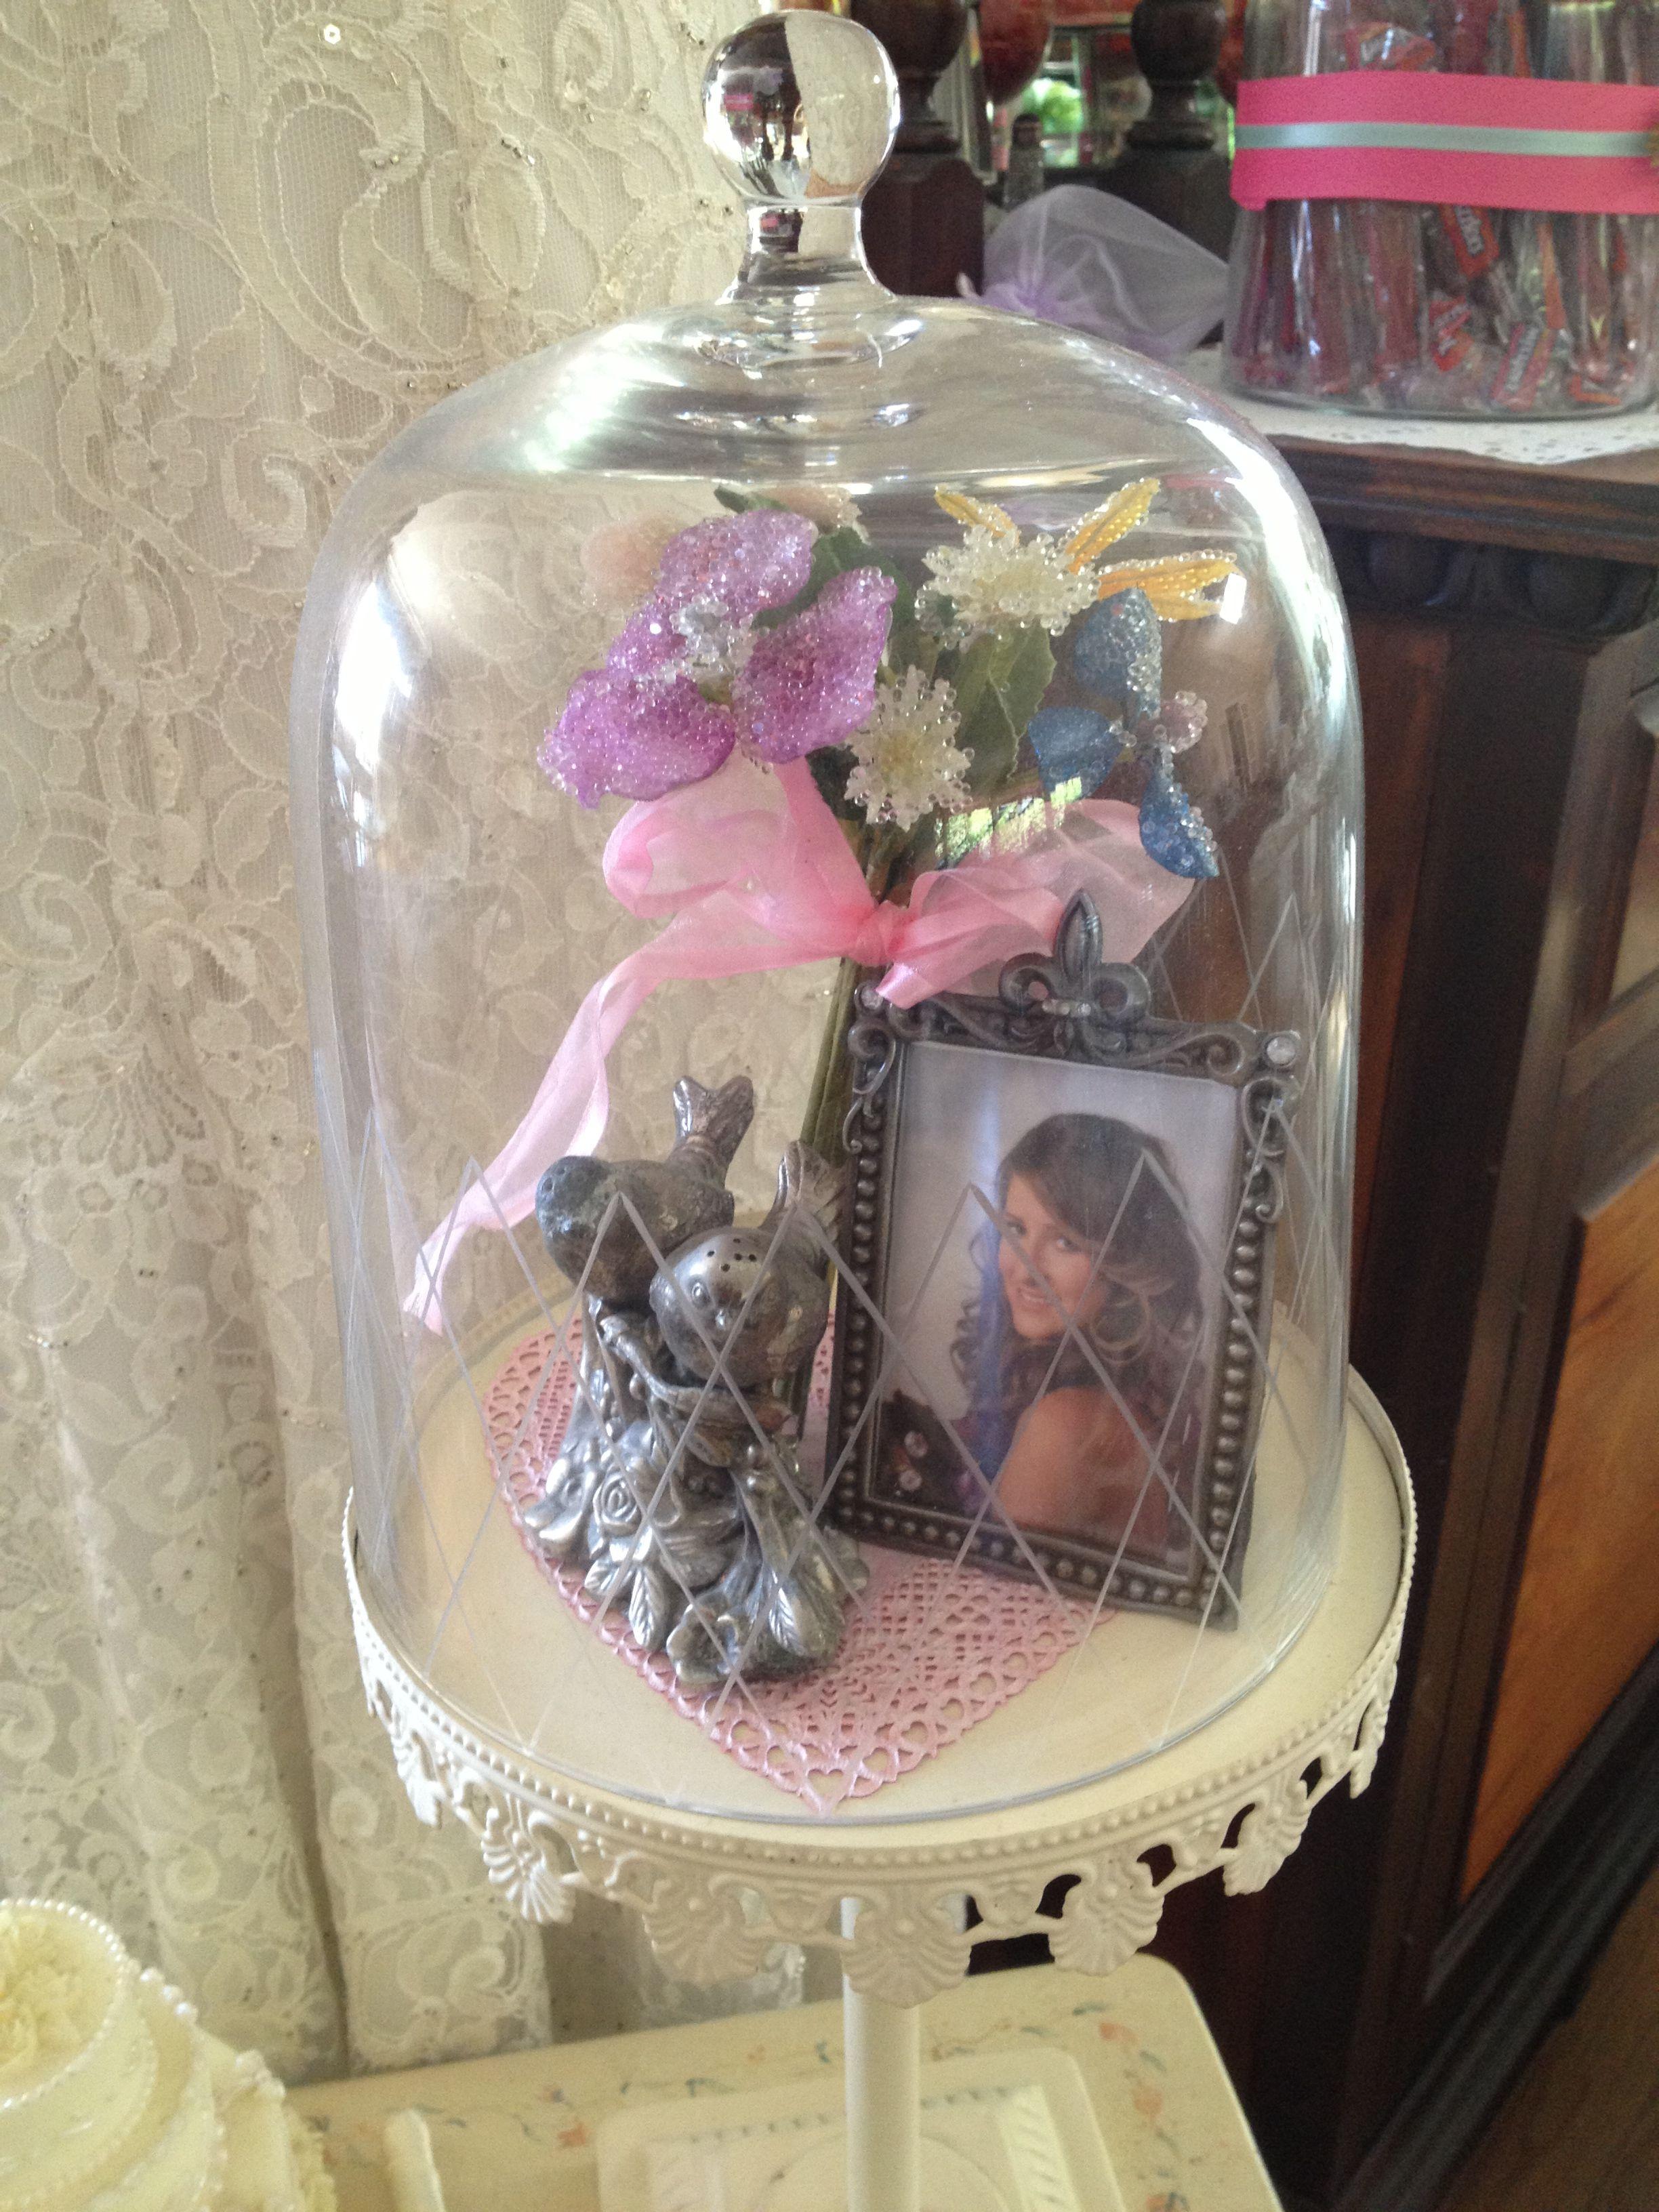 Vintage inspired Bride to be vignette for Bridal Shower.